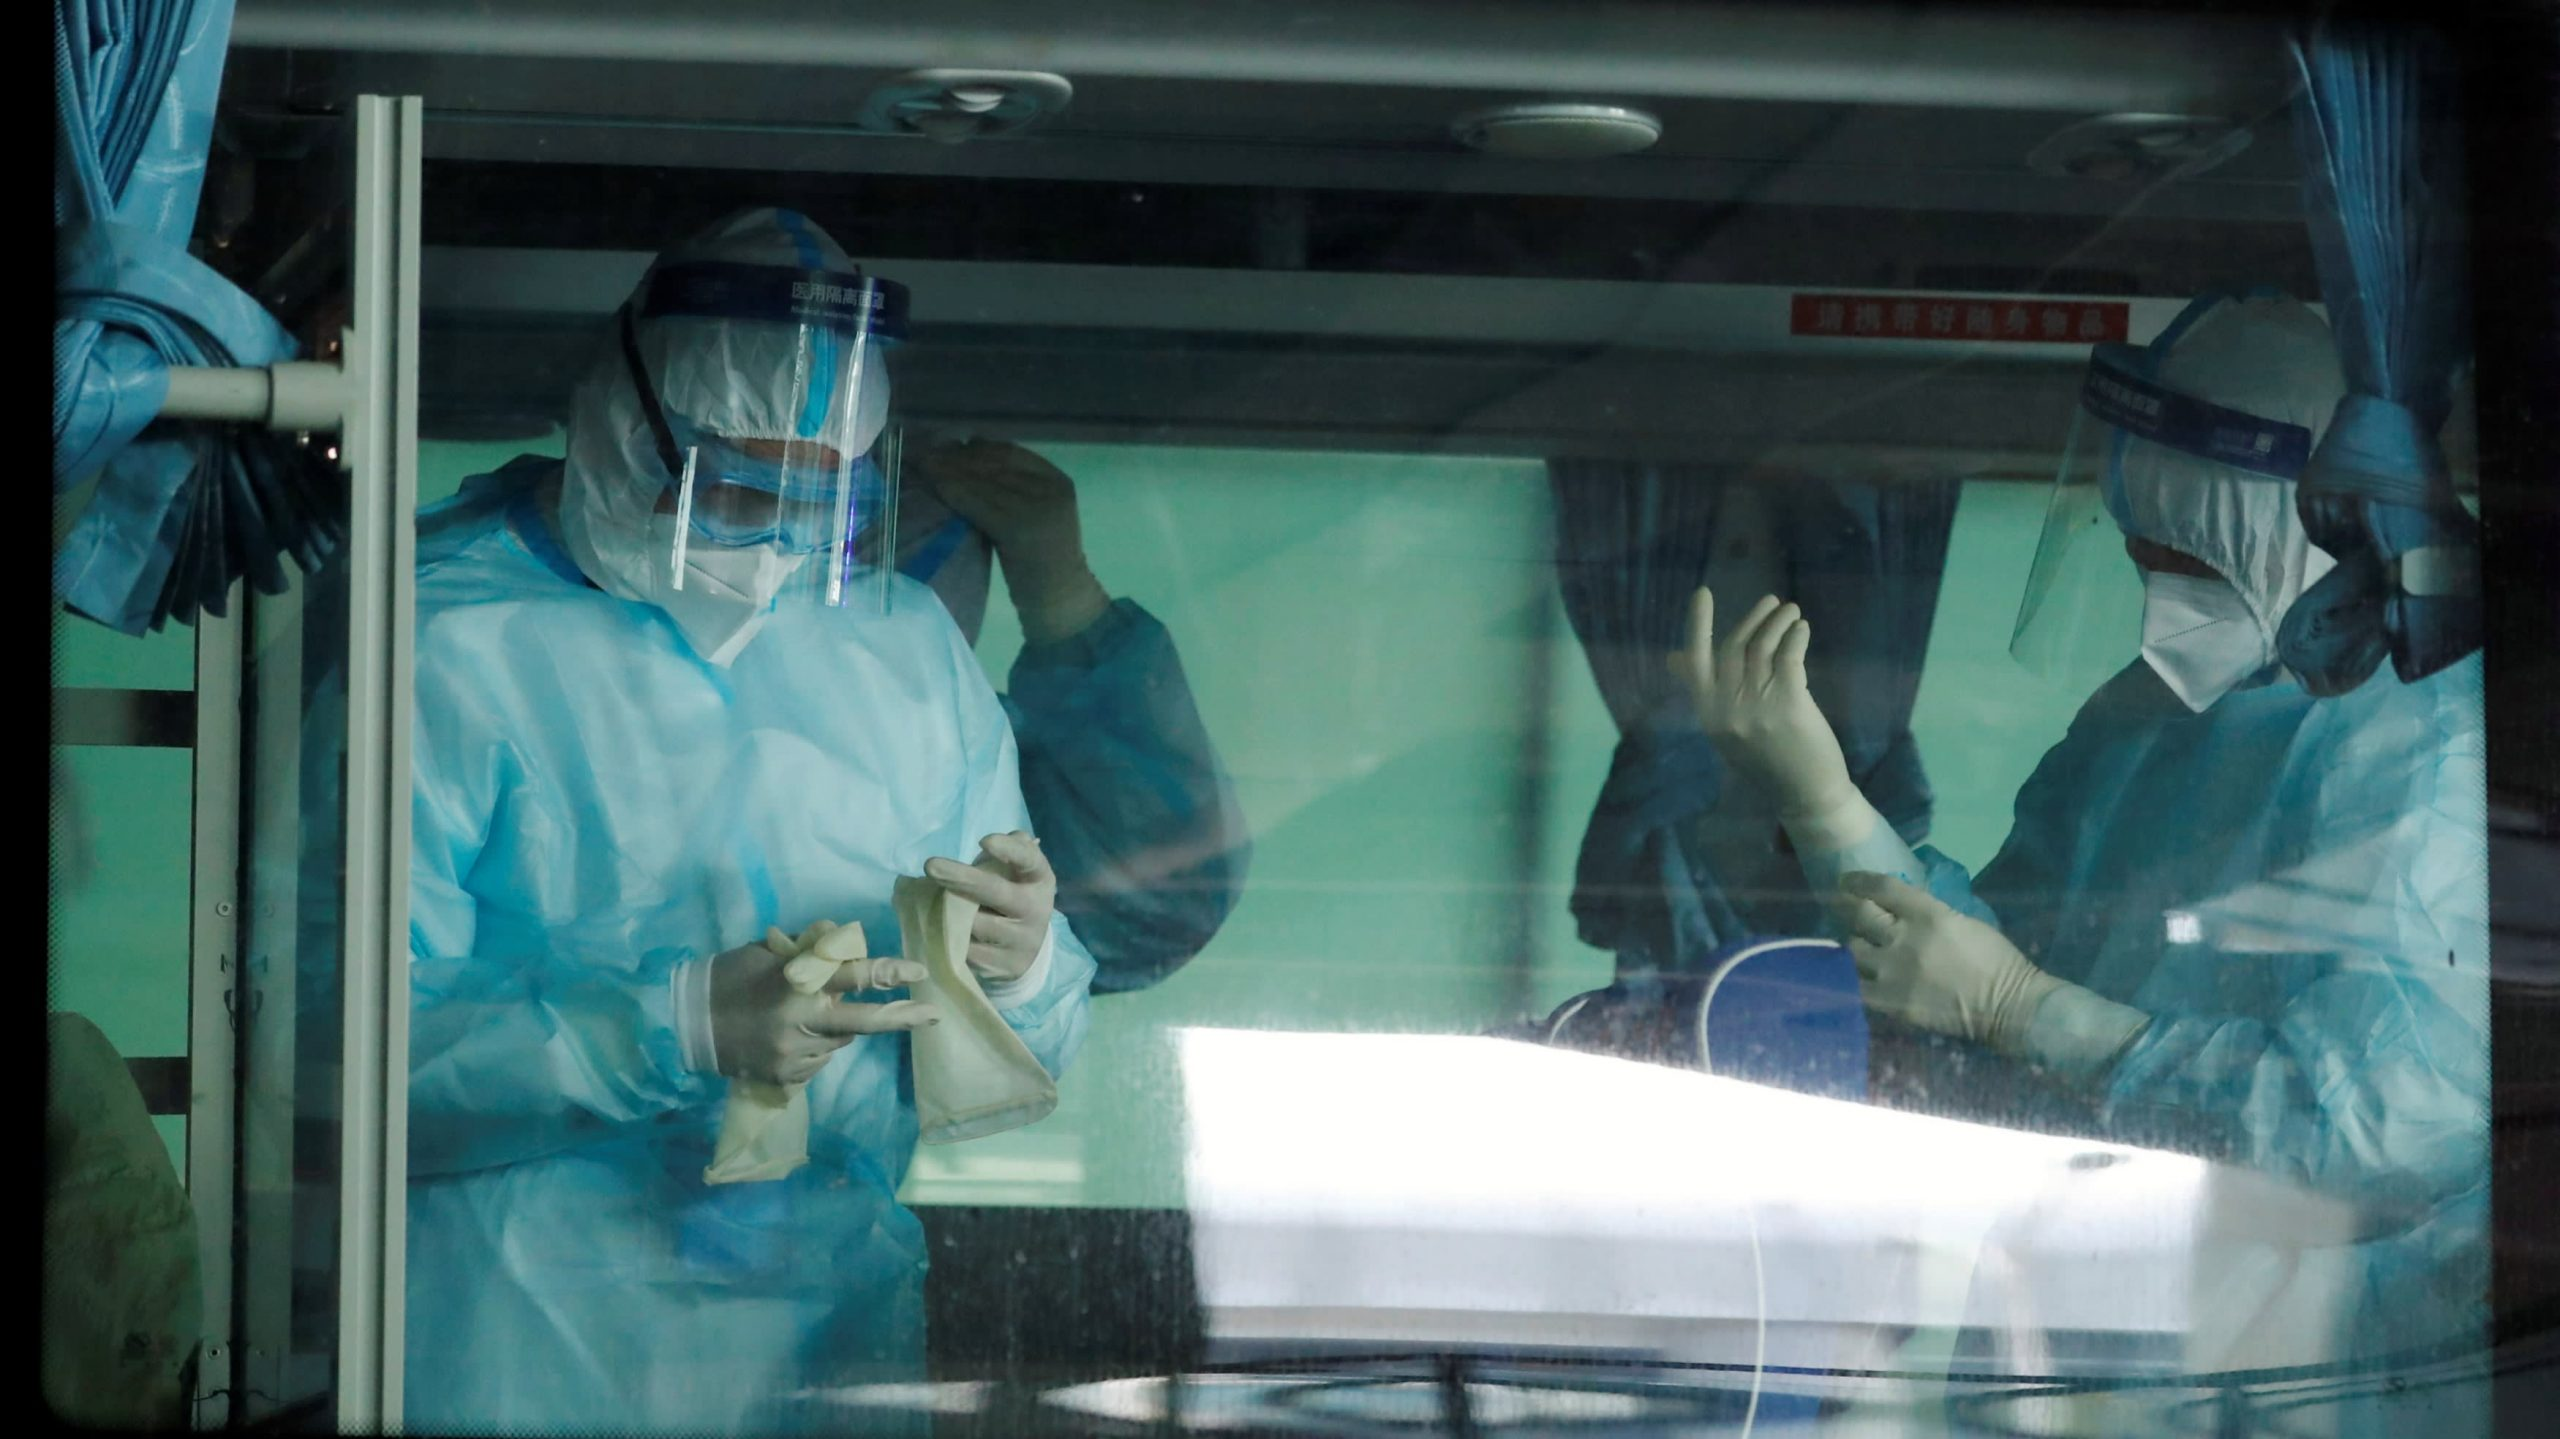 Πανδημια Covid 19: Μετά από διαπραγματεύσεις ο ΠΟΥ ερευνά στην Κίνα την αρχή της πανδημίας